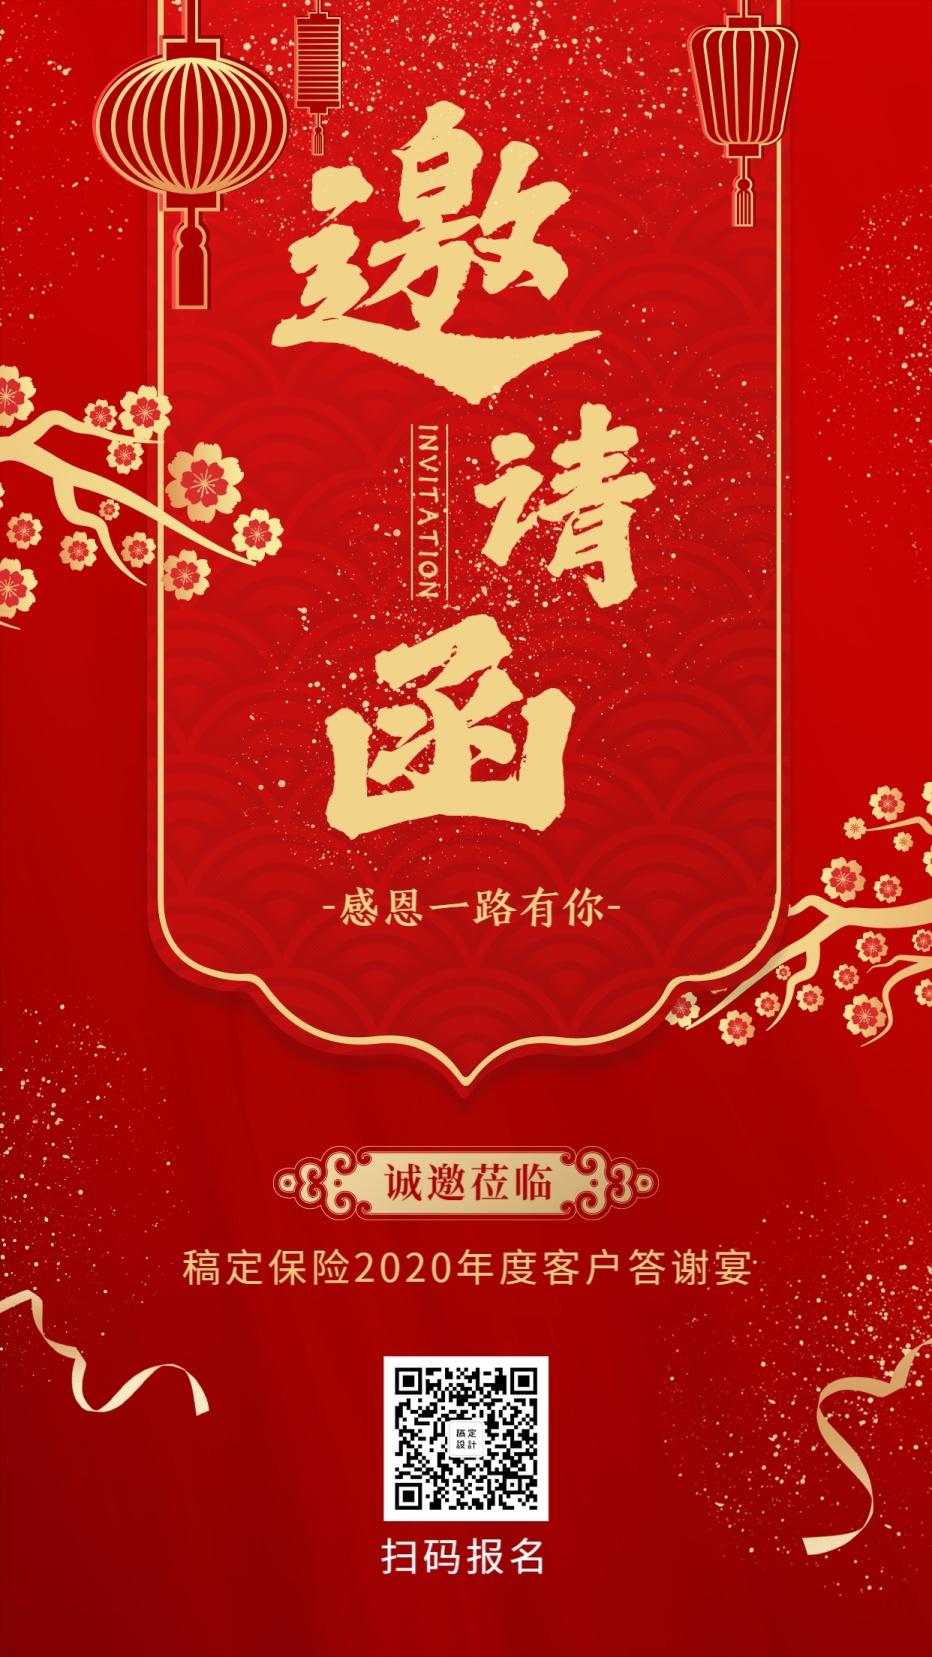 开门红活动客户答谢宴邀请函手机海报